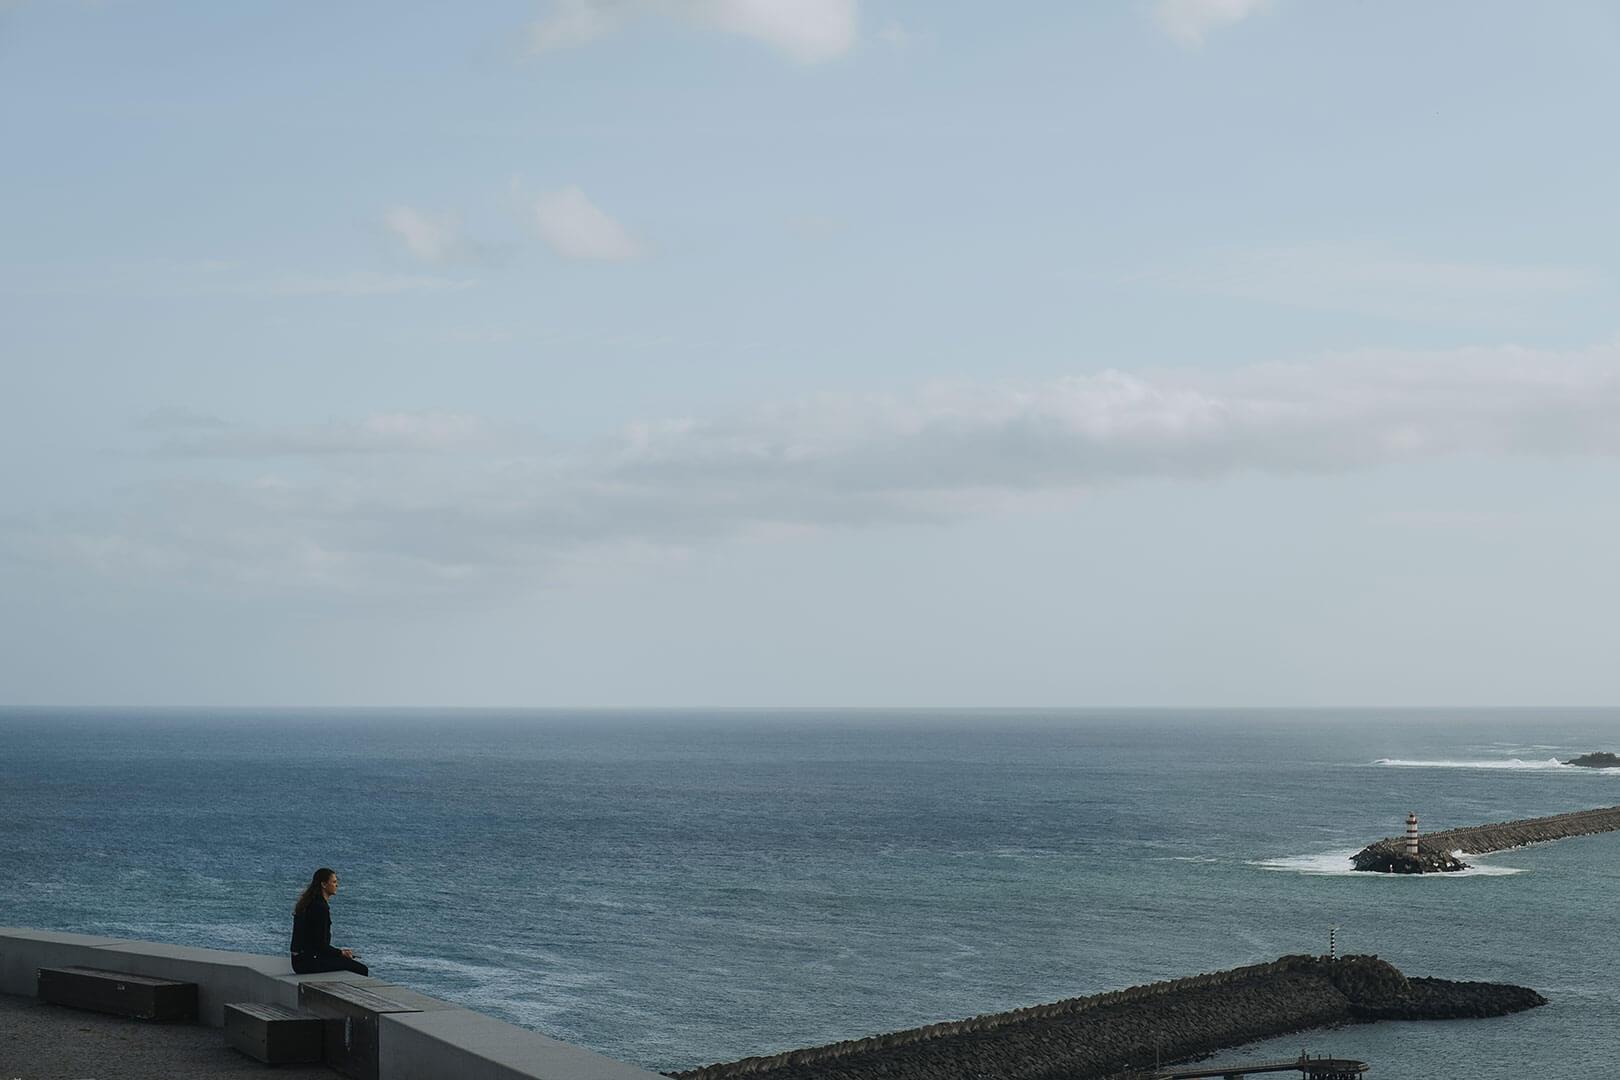 oceano_01